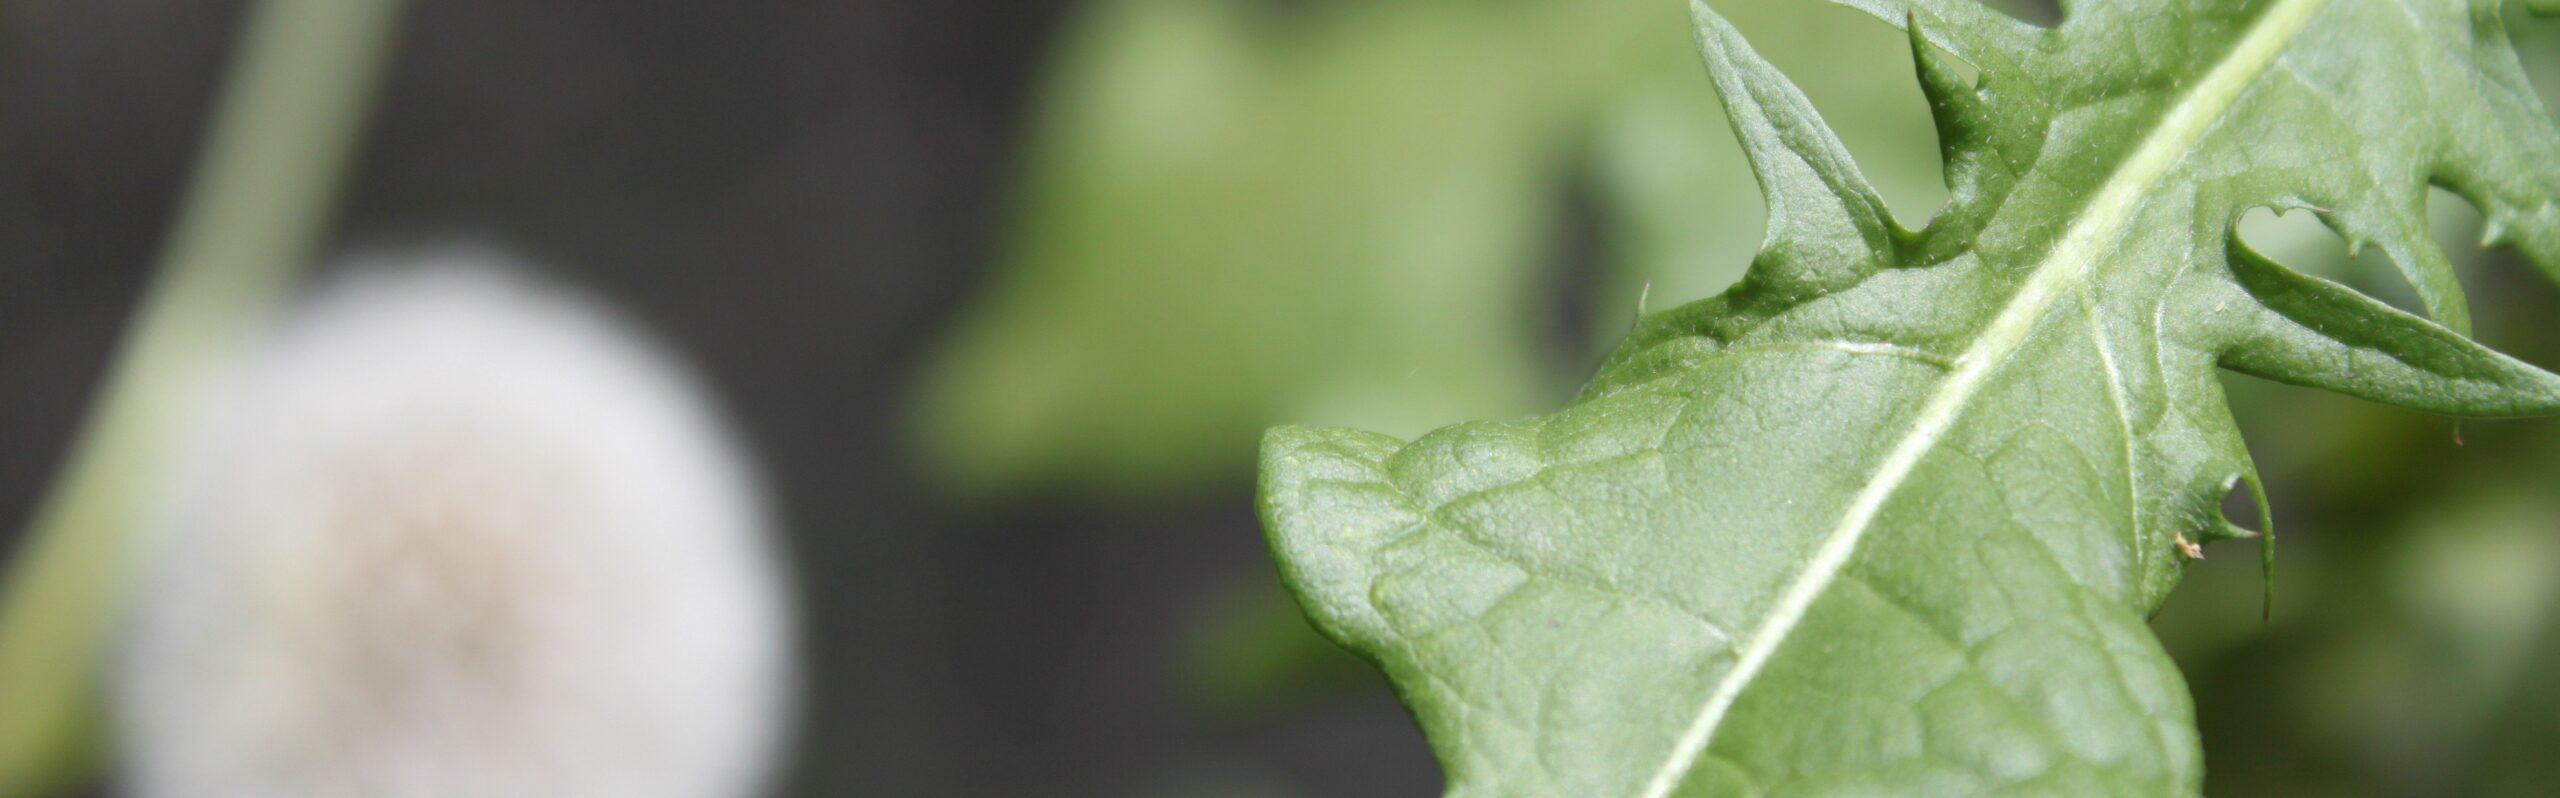 Falando de PANC (Plantas Alimentícias não Convencionais)